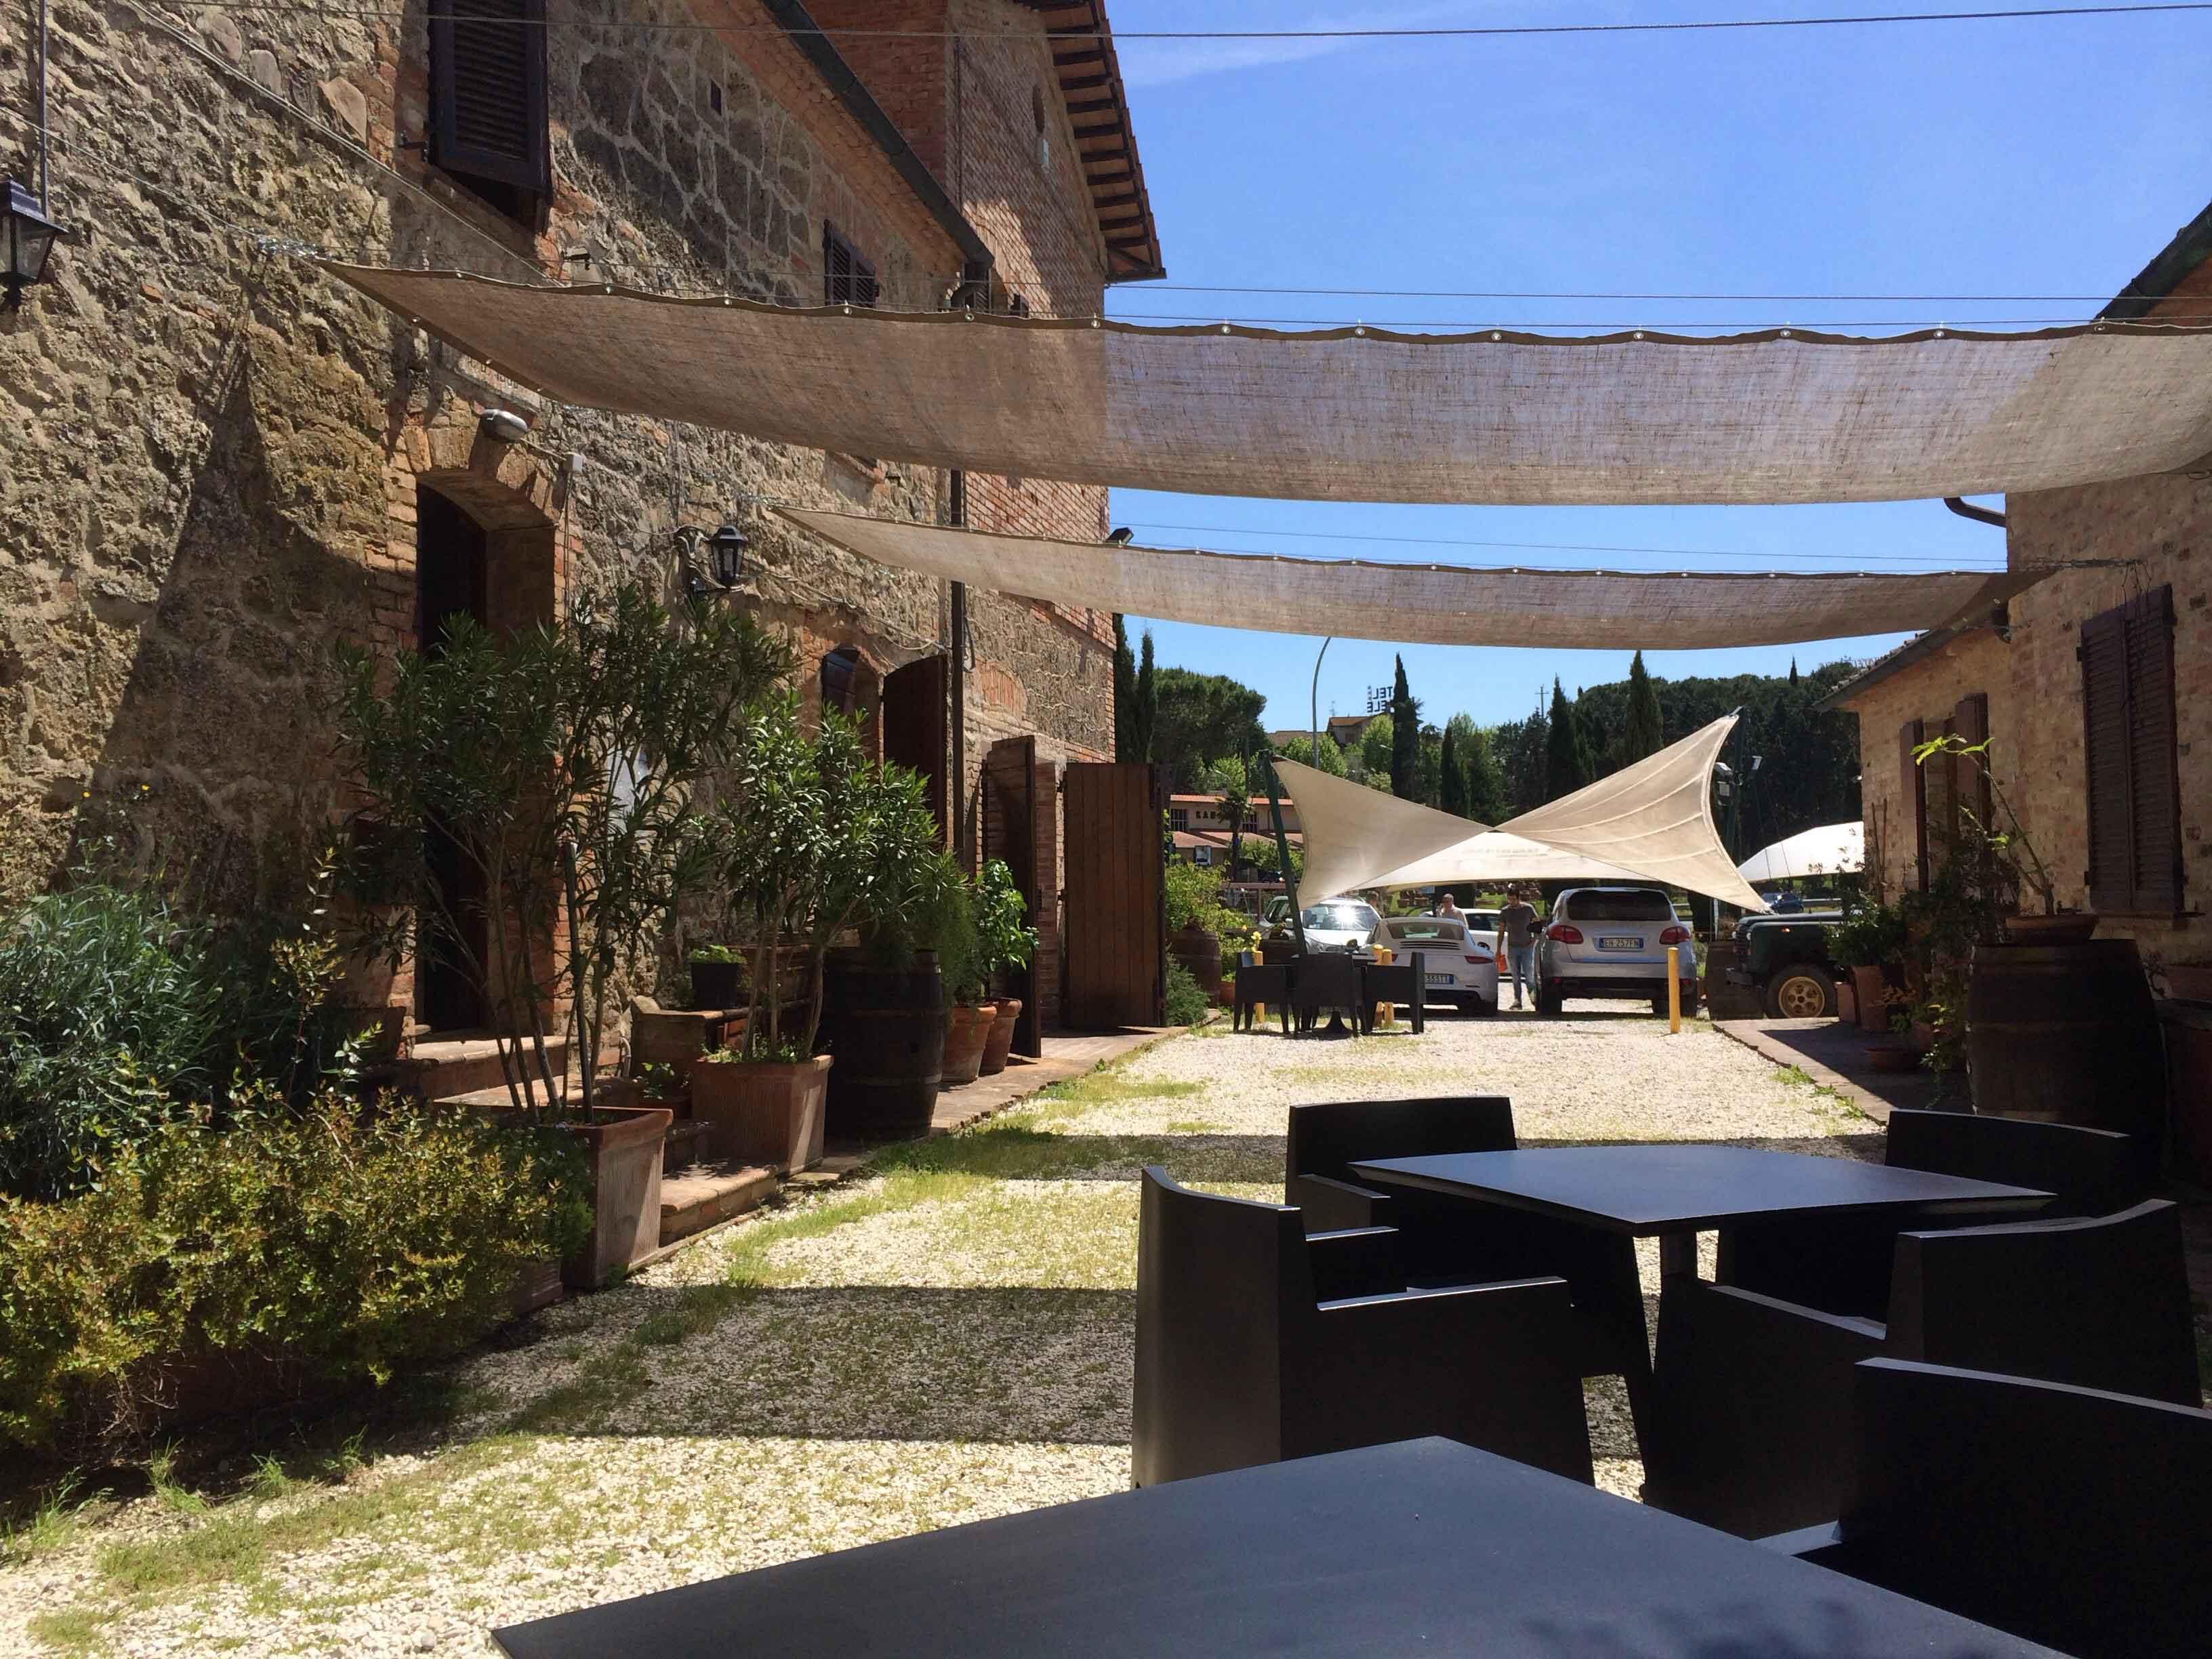 3-migliore-ristorante-economico-tripadvisor-tuscany-divine